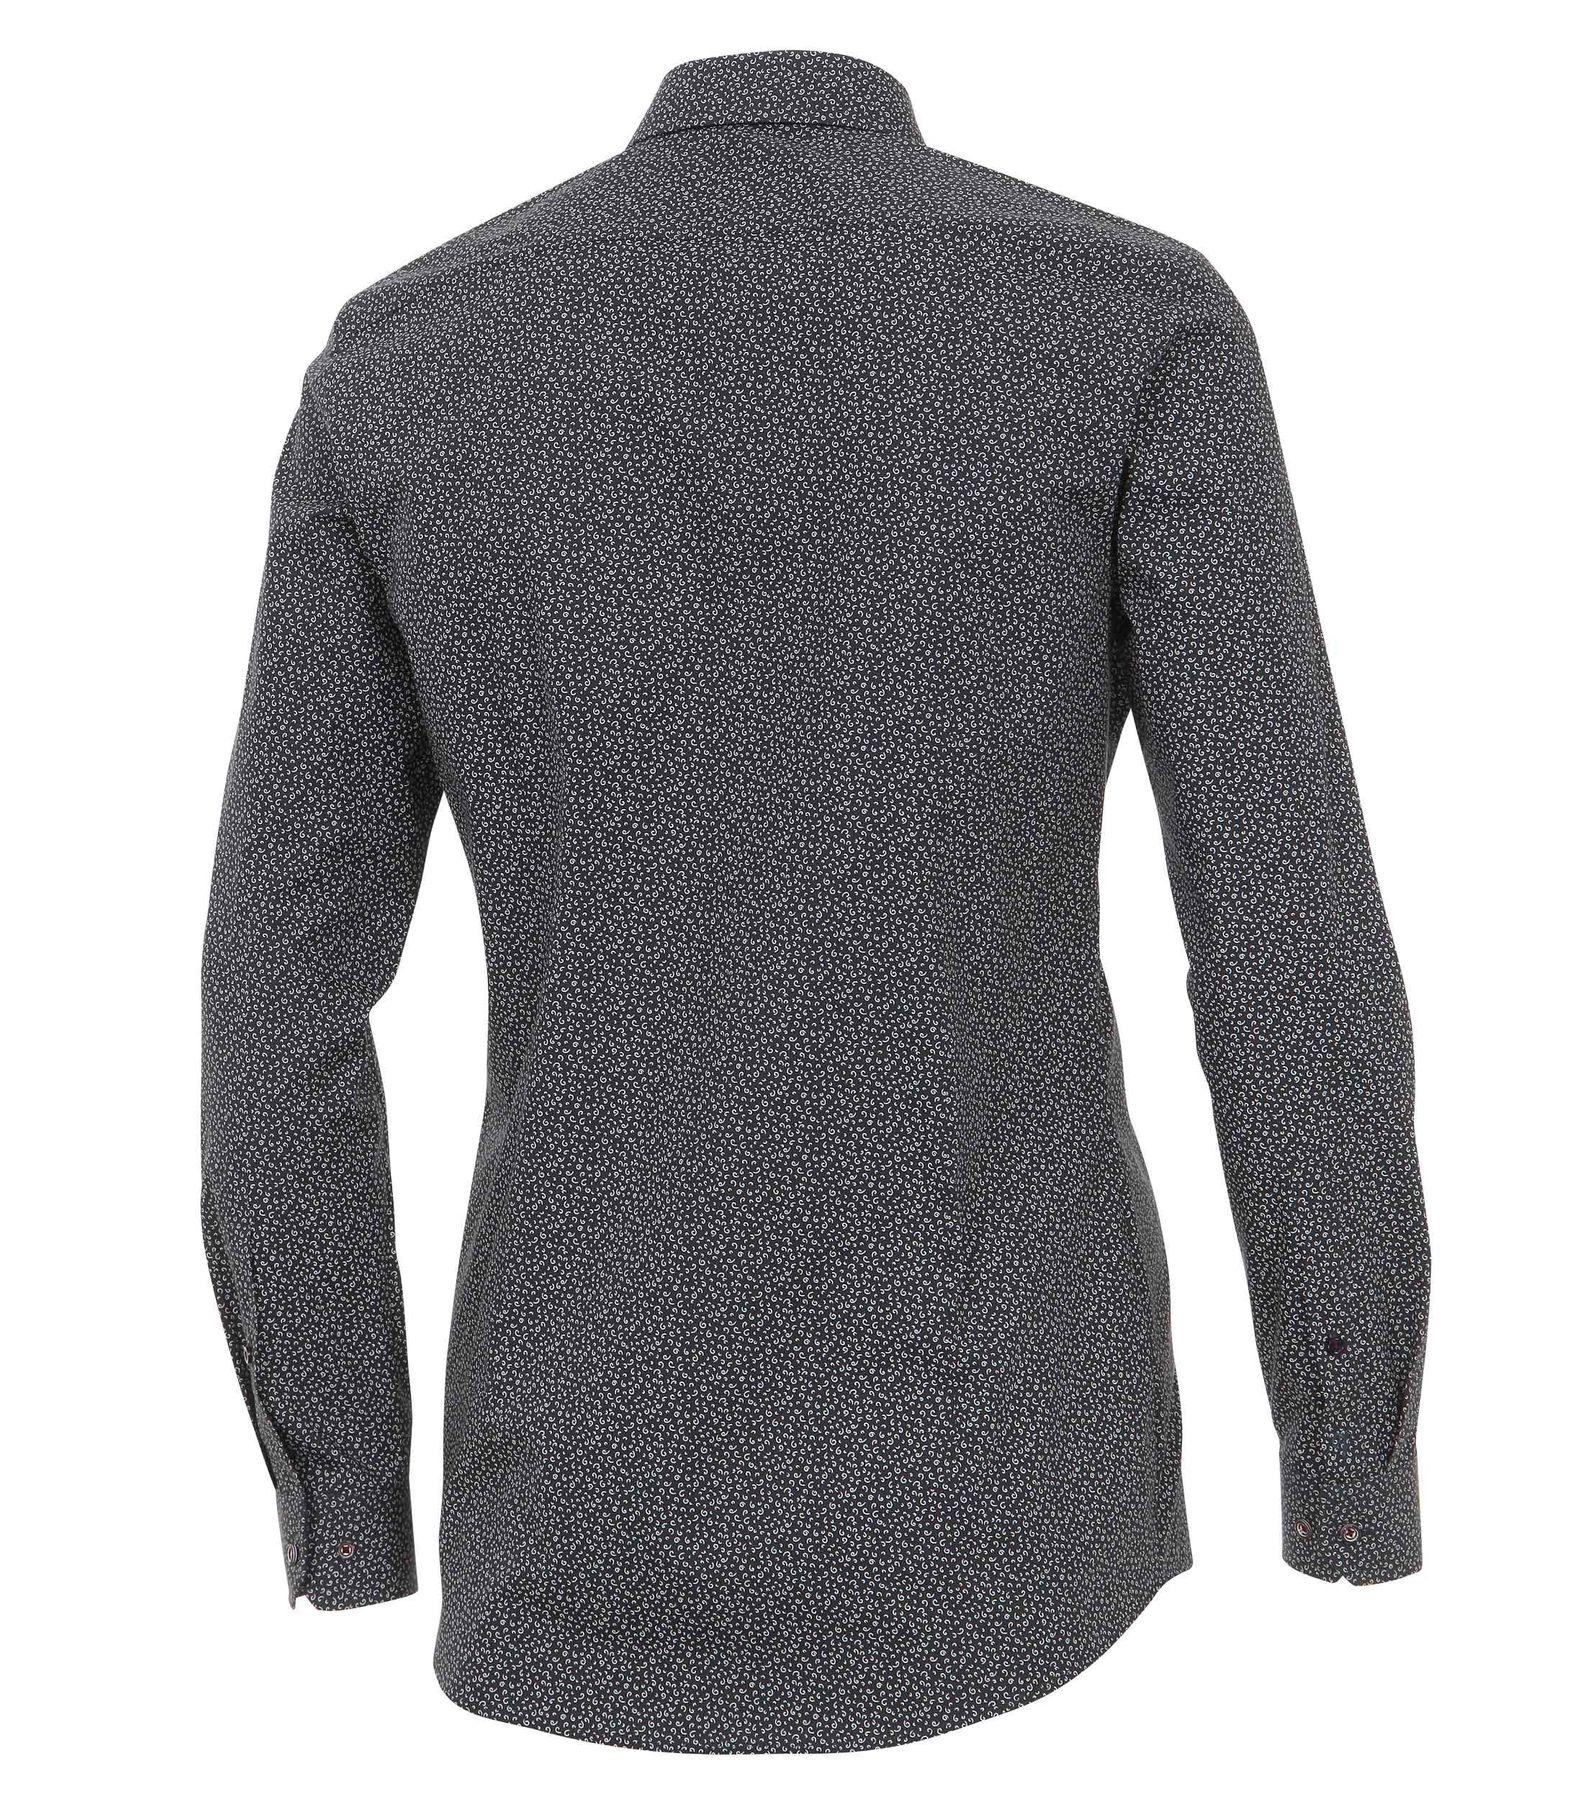 Venti - Body Fit - Herren Langarm Hemd aus 100% Baumwolle mit Kent Kragen und modischem Druck (162545400A) – Bild 2